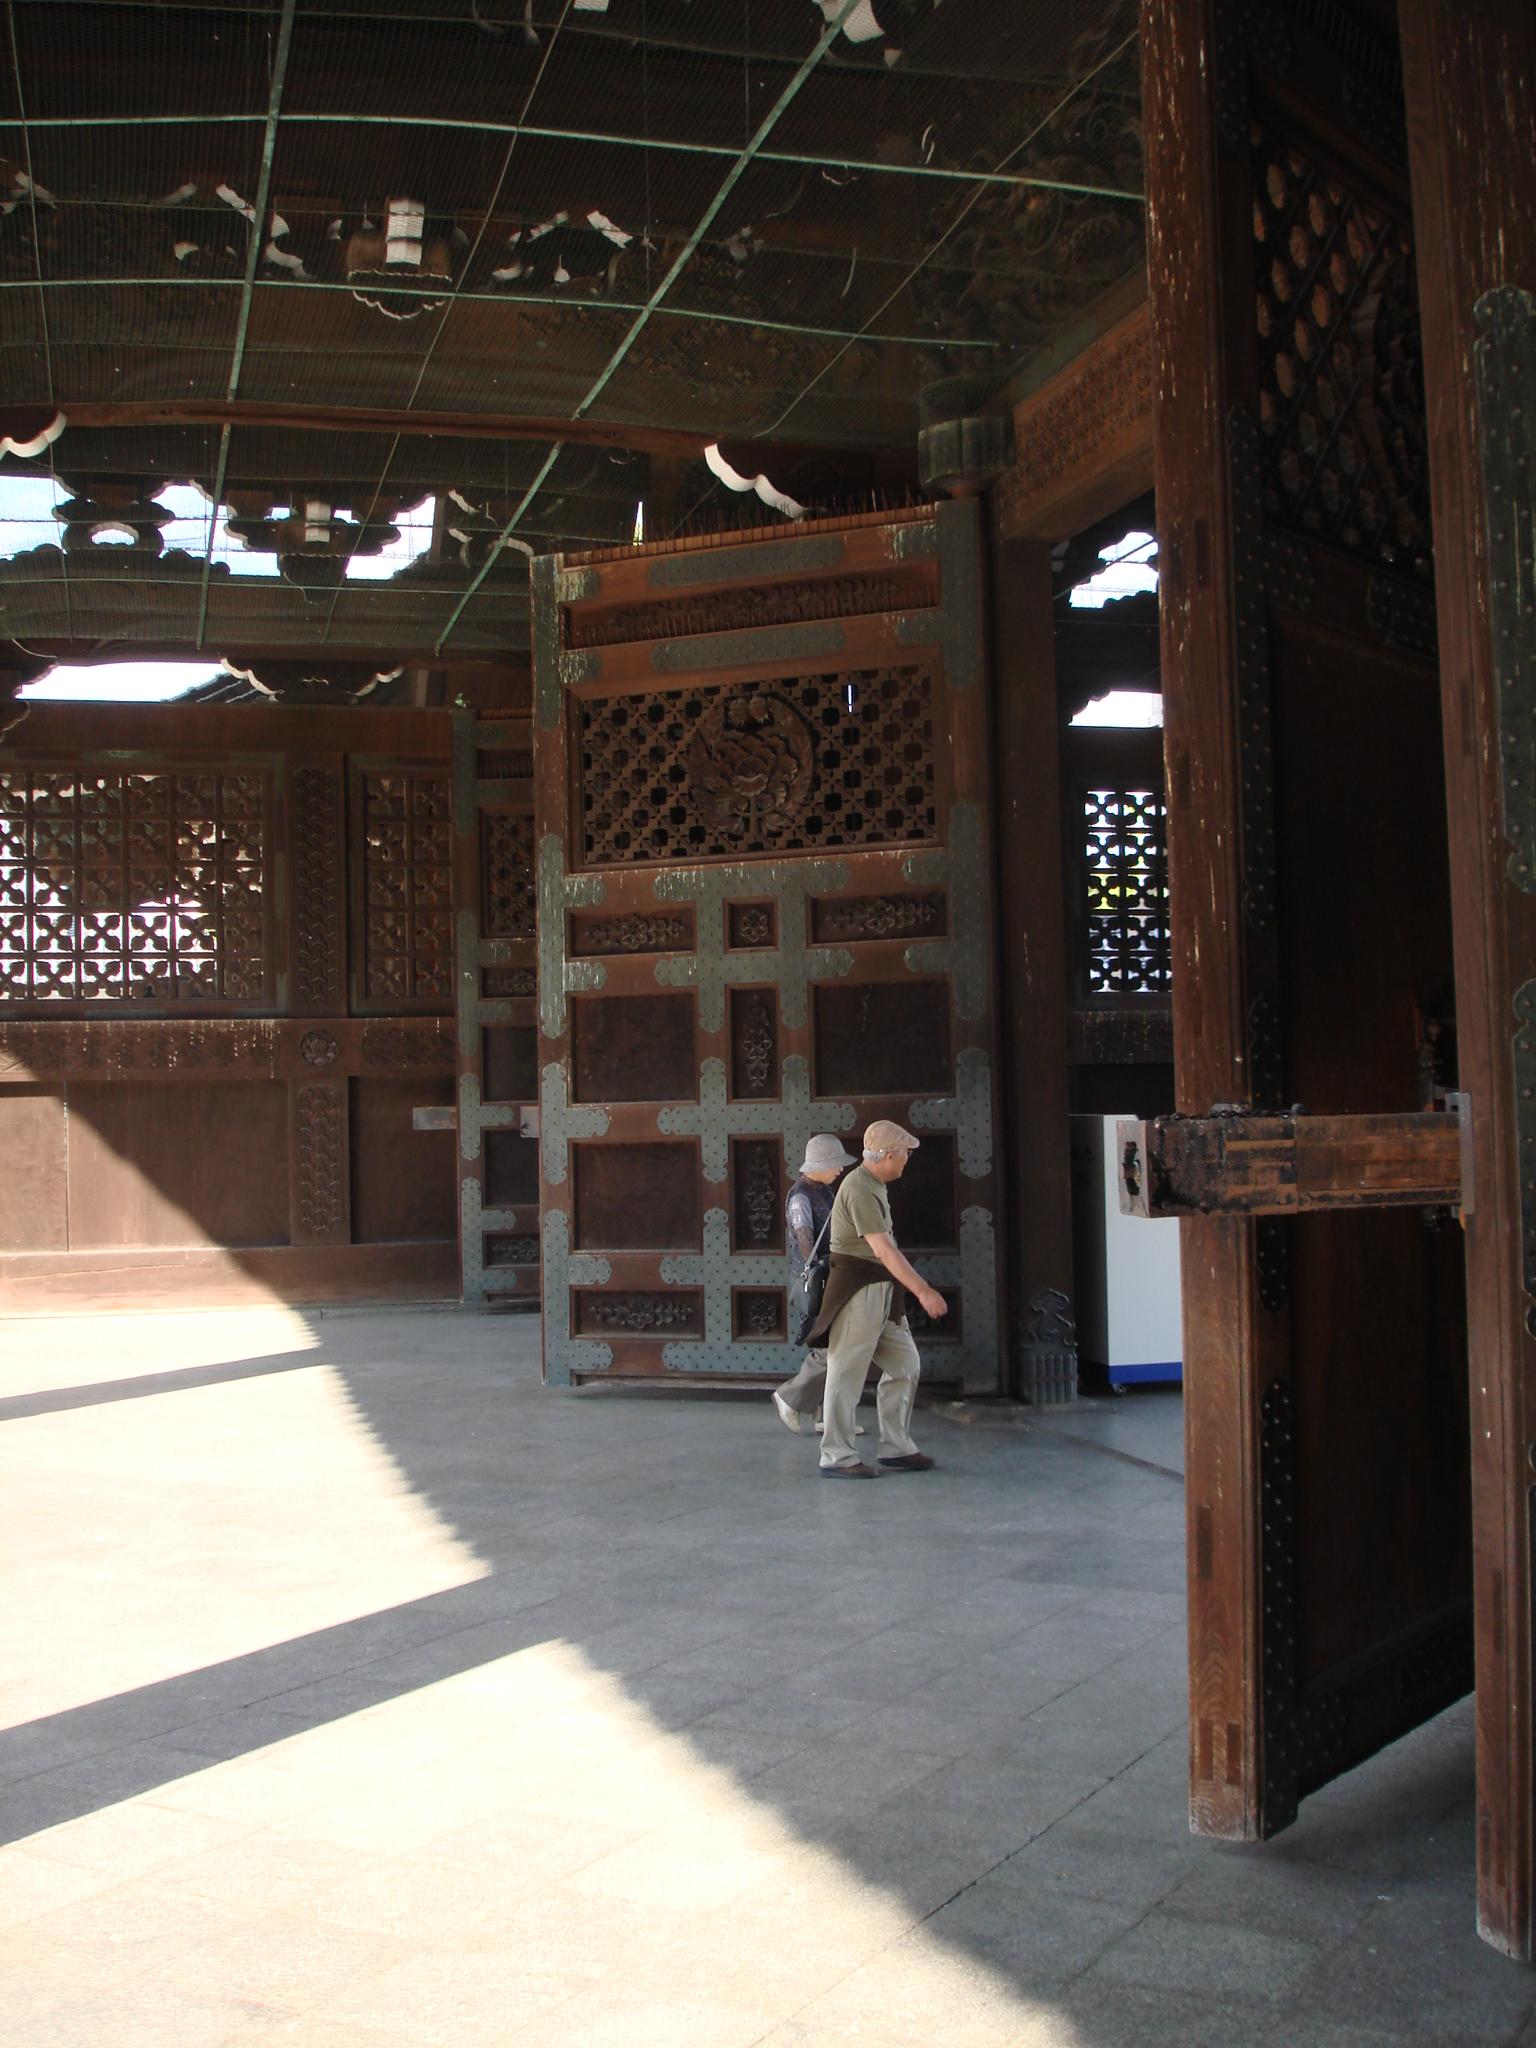 Giant Temple Doors